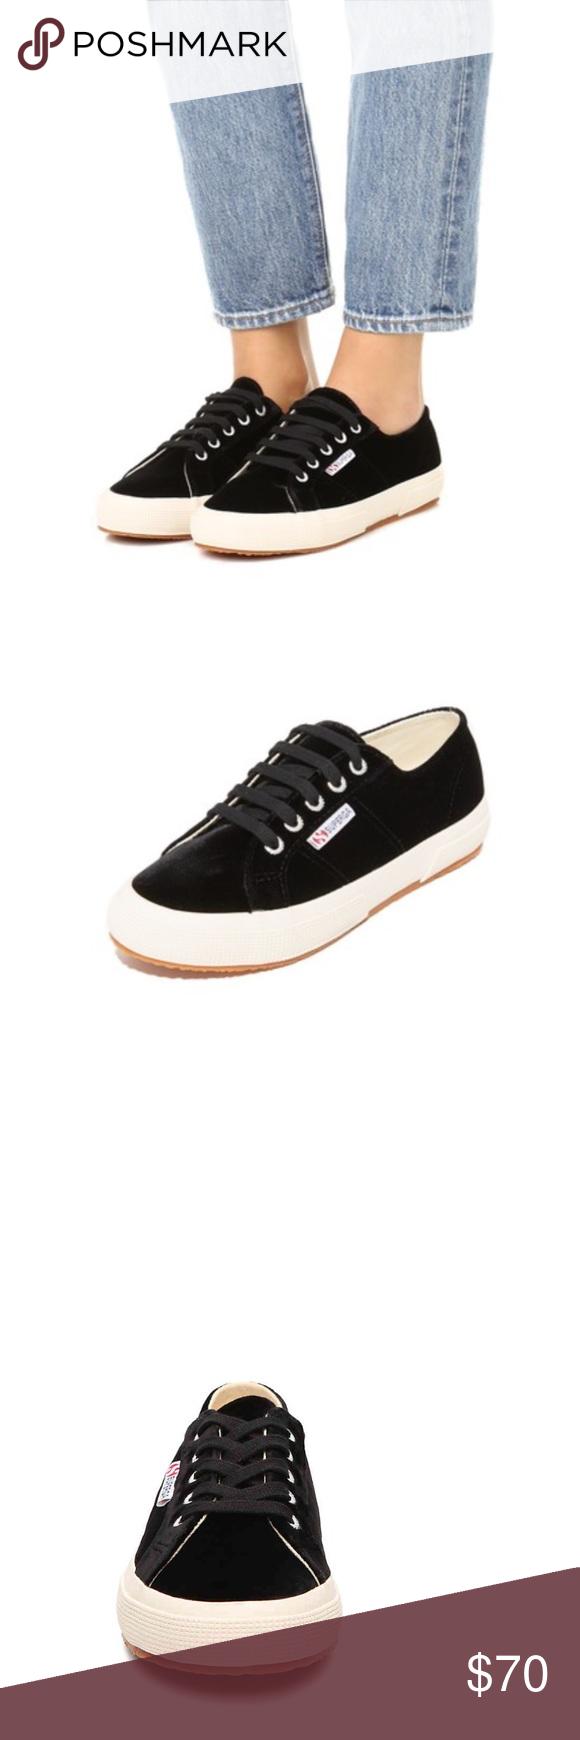 d1e1651ef6a3 JUST IN! Superga Velvet Sneakers Adorable Superga black velvet ...